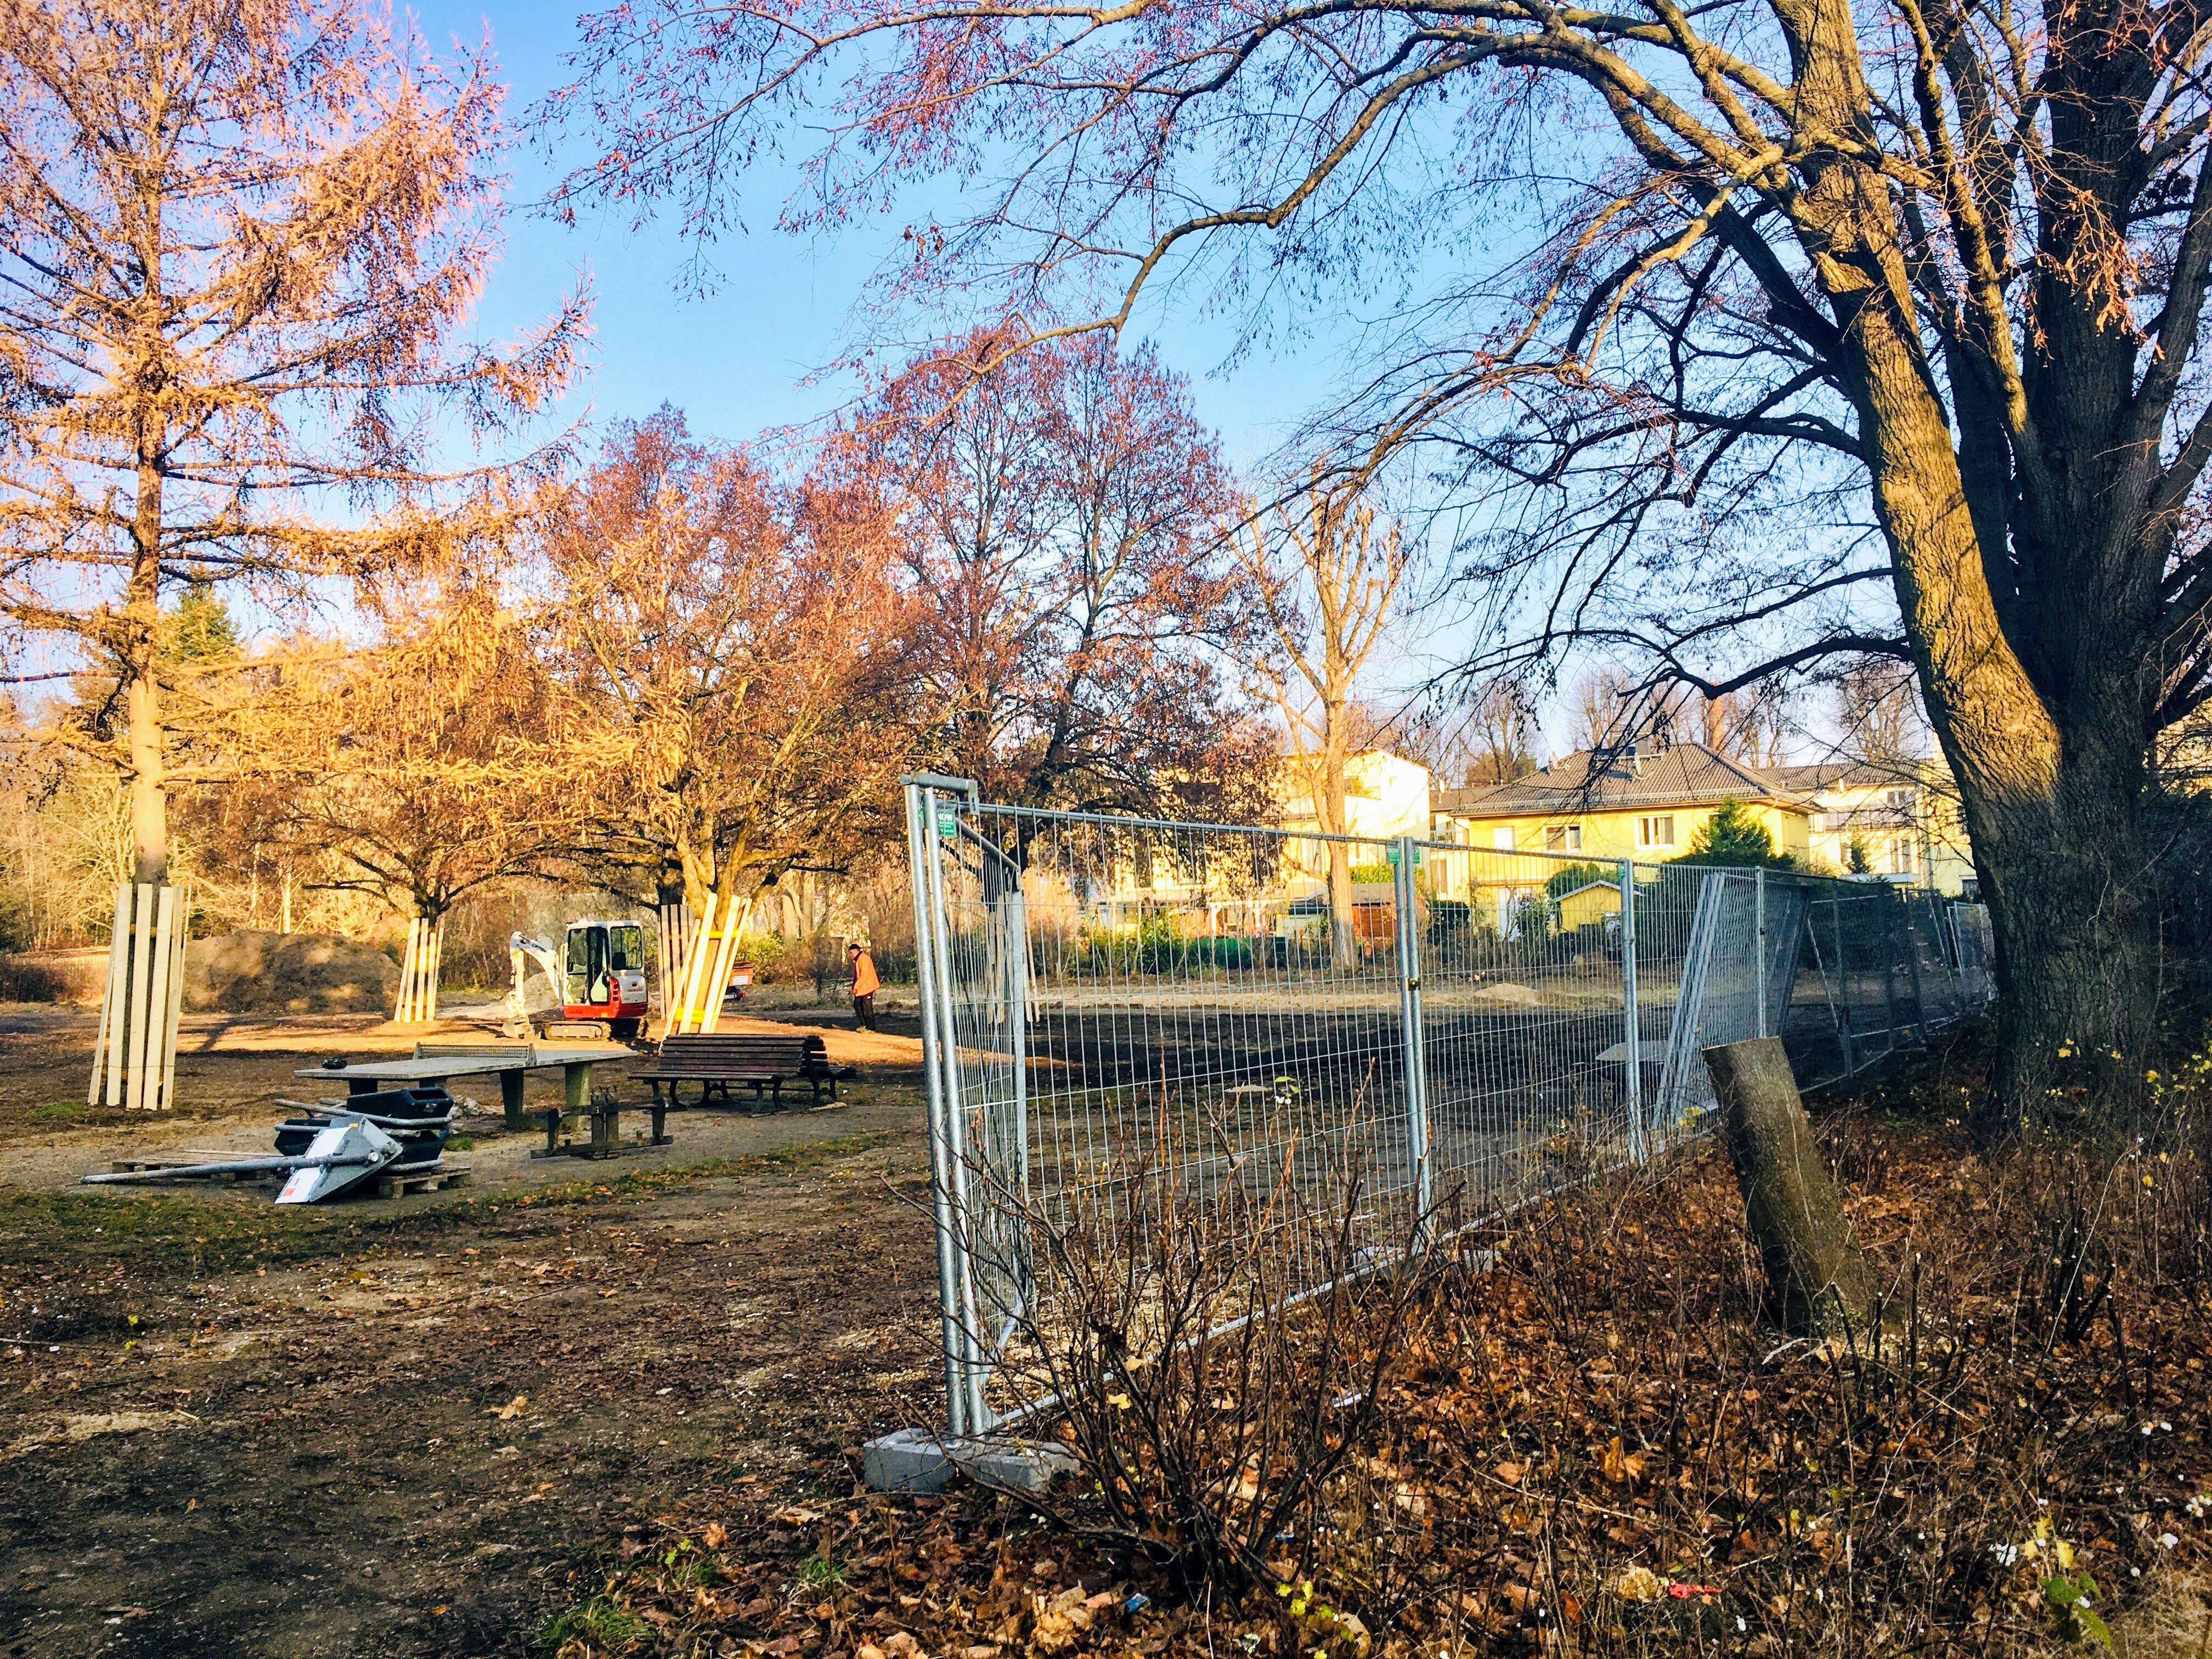 Öffentlicher Kinderspielplatz (Beginn der Sanierung) Falkenberger Straße 151,  8. Dezember 2020